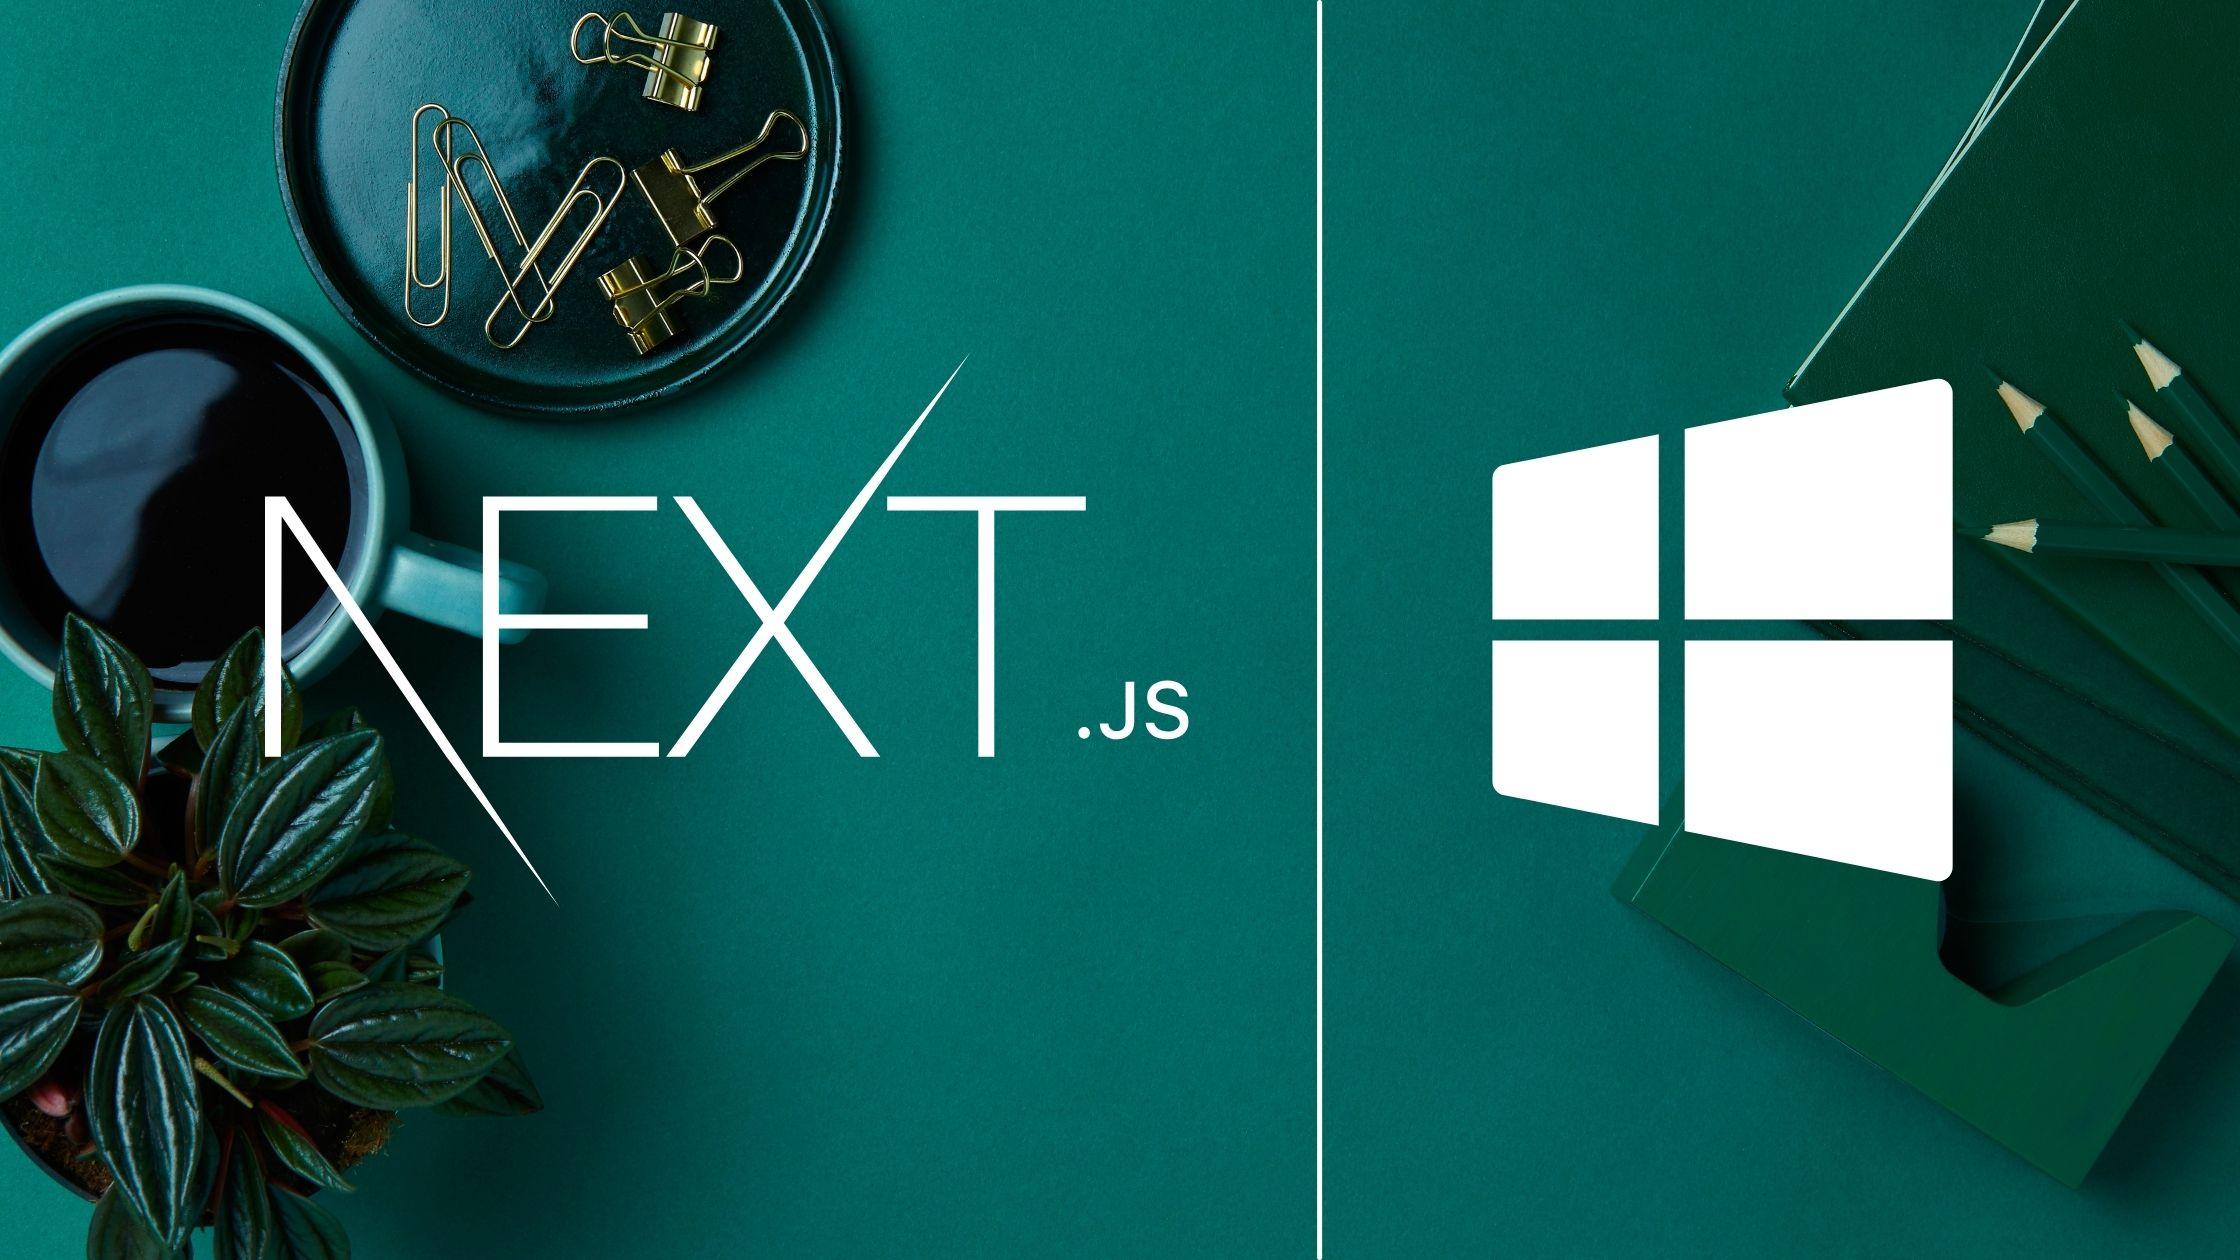 next.js windows 10